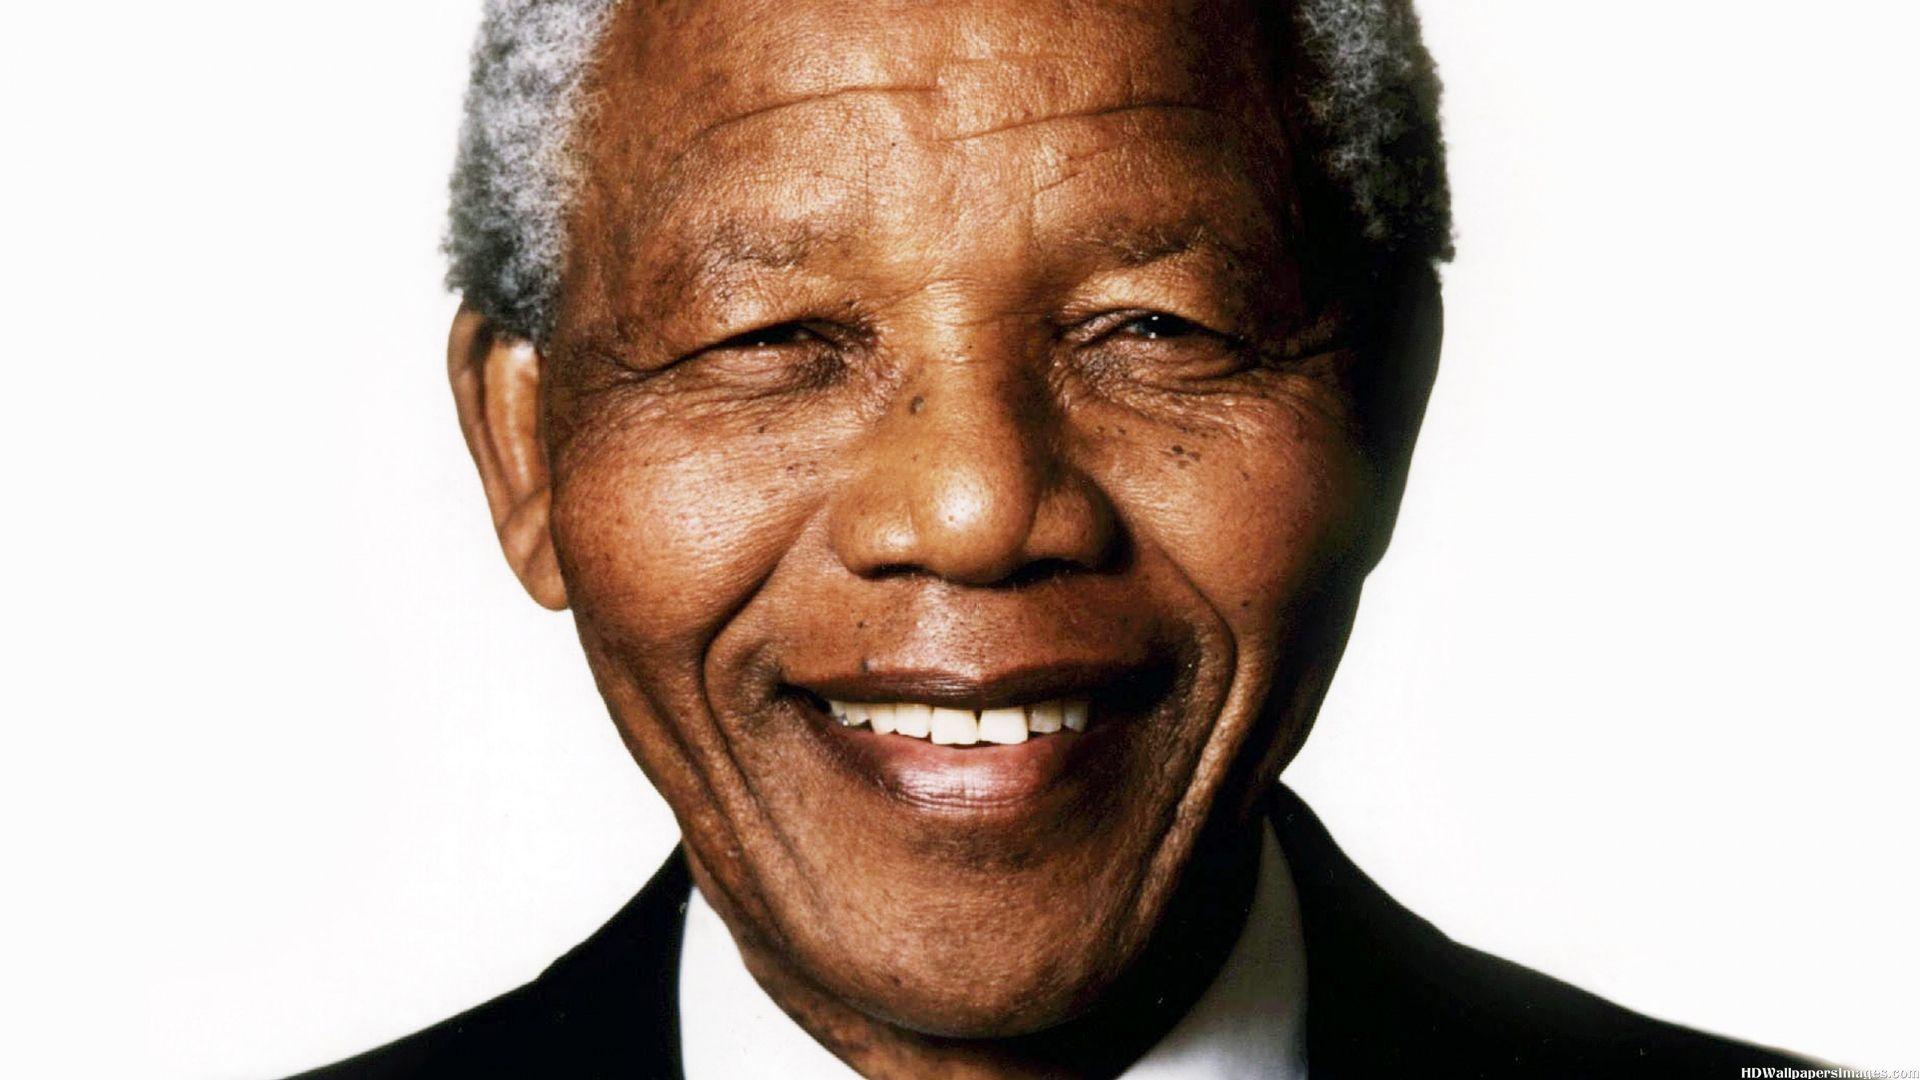 ... Nelson Mandela's Greatest Words of Wisdom